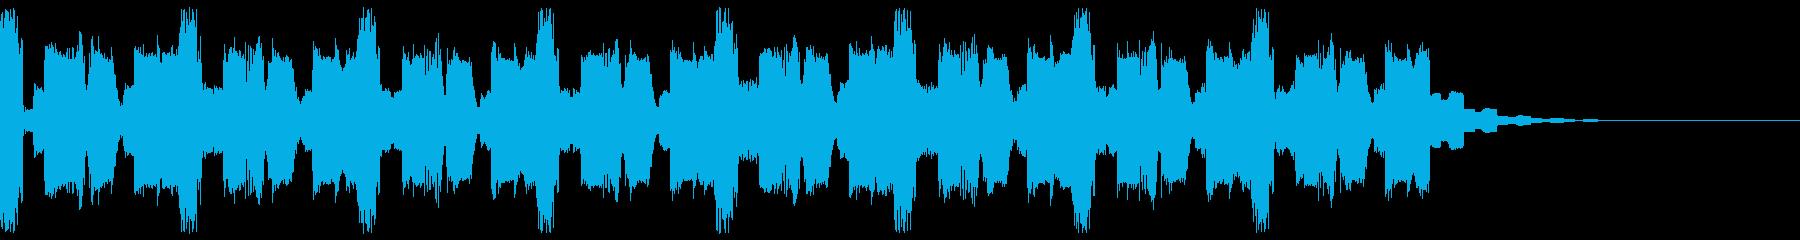 【キッズ向け】ピコピコBGM、かわいい音の再生済みの波形